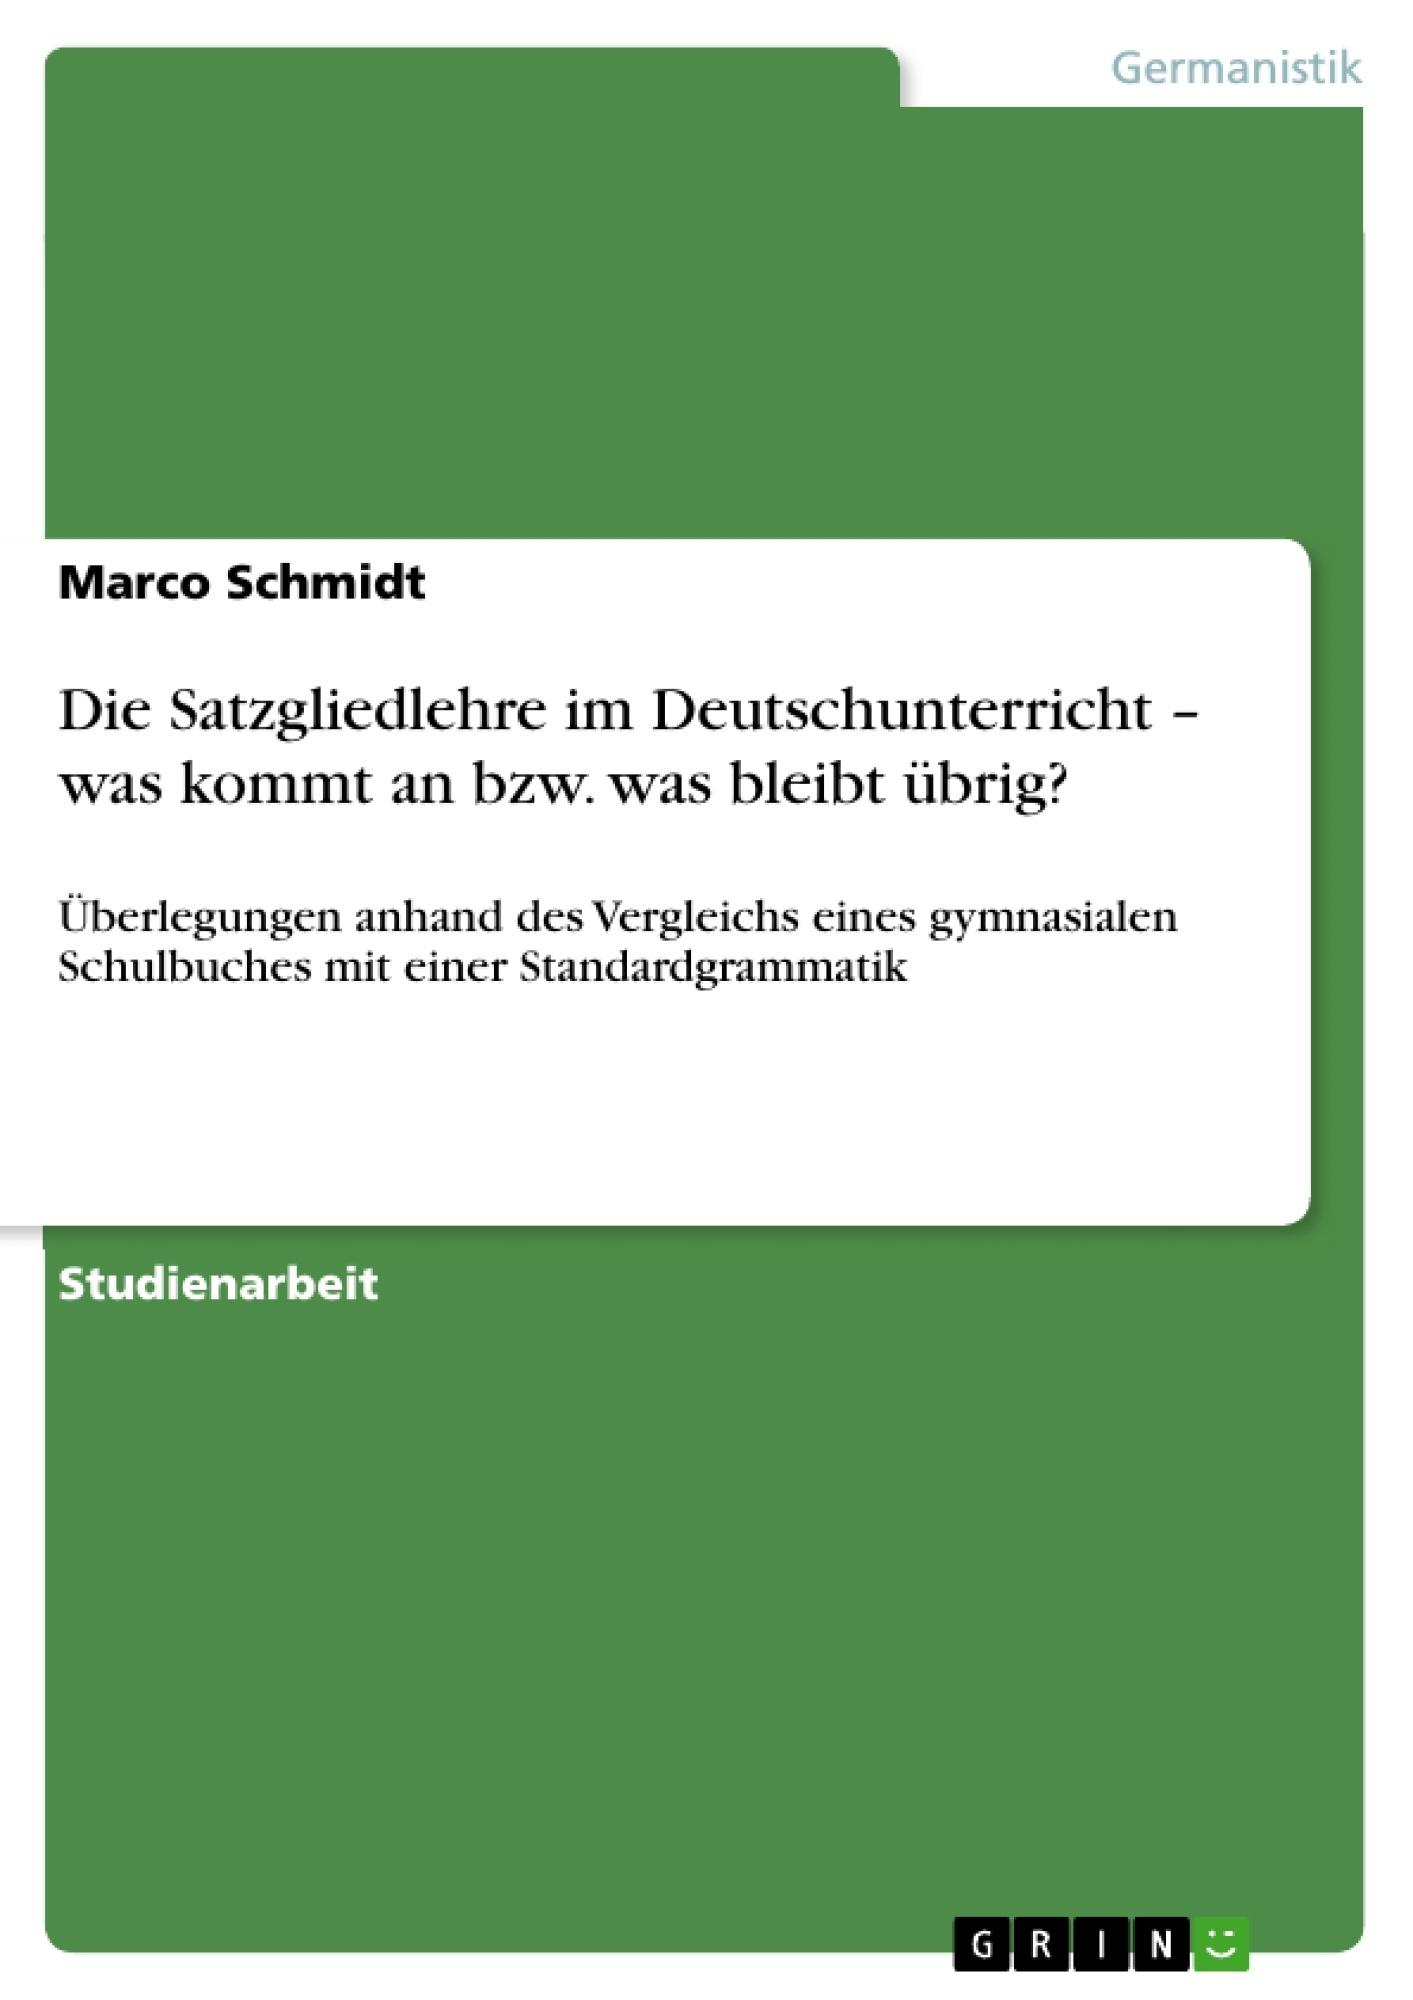 Titel: Die Satzgliedlehre im Deutschunterricht – was kommt an bzw. was bleibt übrig?